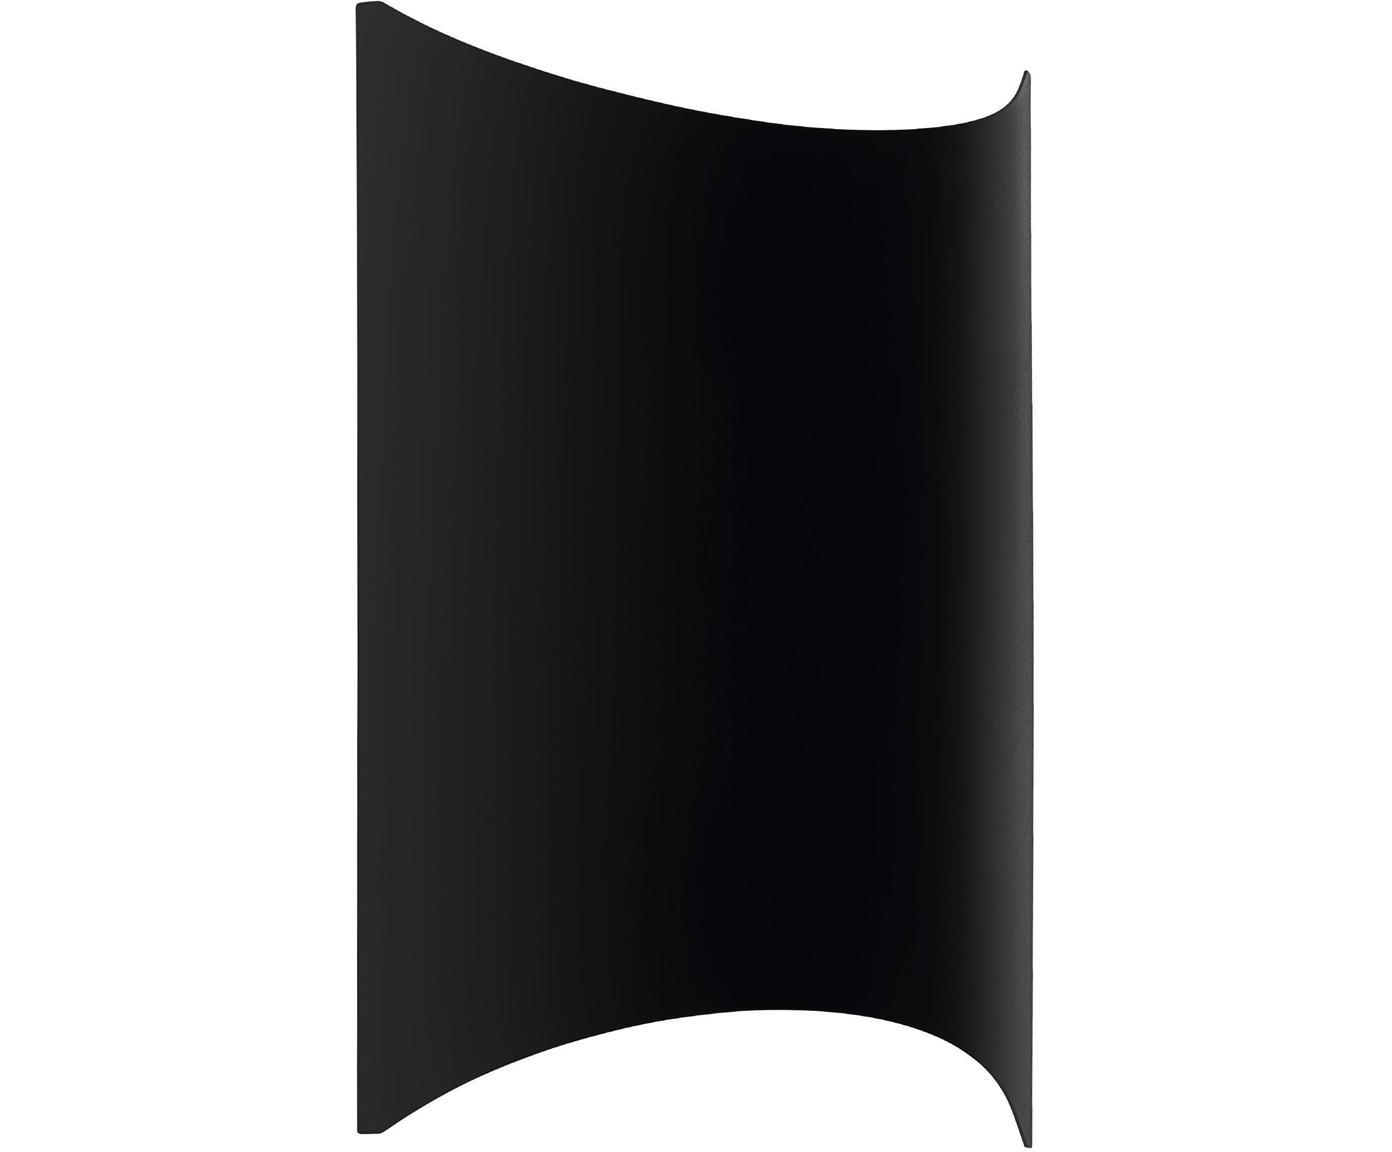 Outdoor LED wandlamp Lagasco, Verzinkt staal, Zwart, 19 x 28 cm